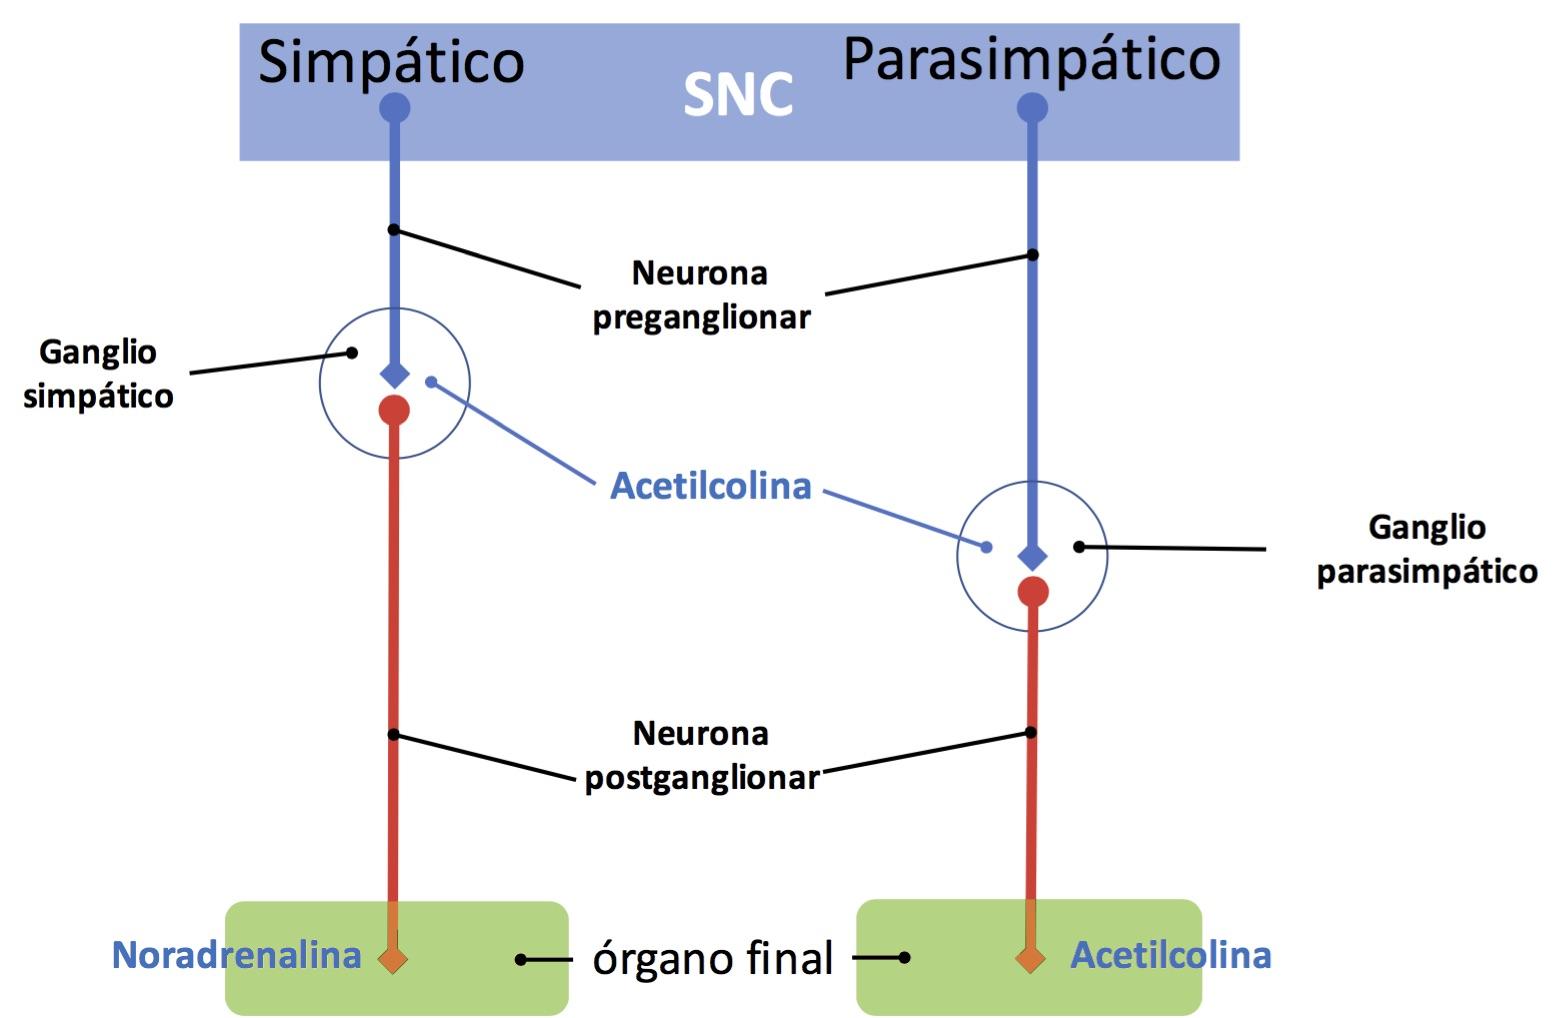 Anatomía del sistema nervioso autónomo simpático | consultadeneurologia